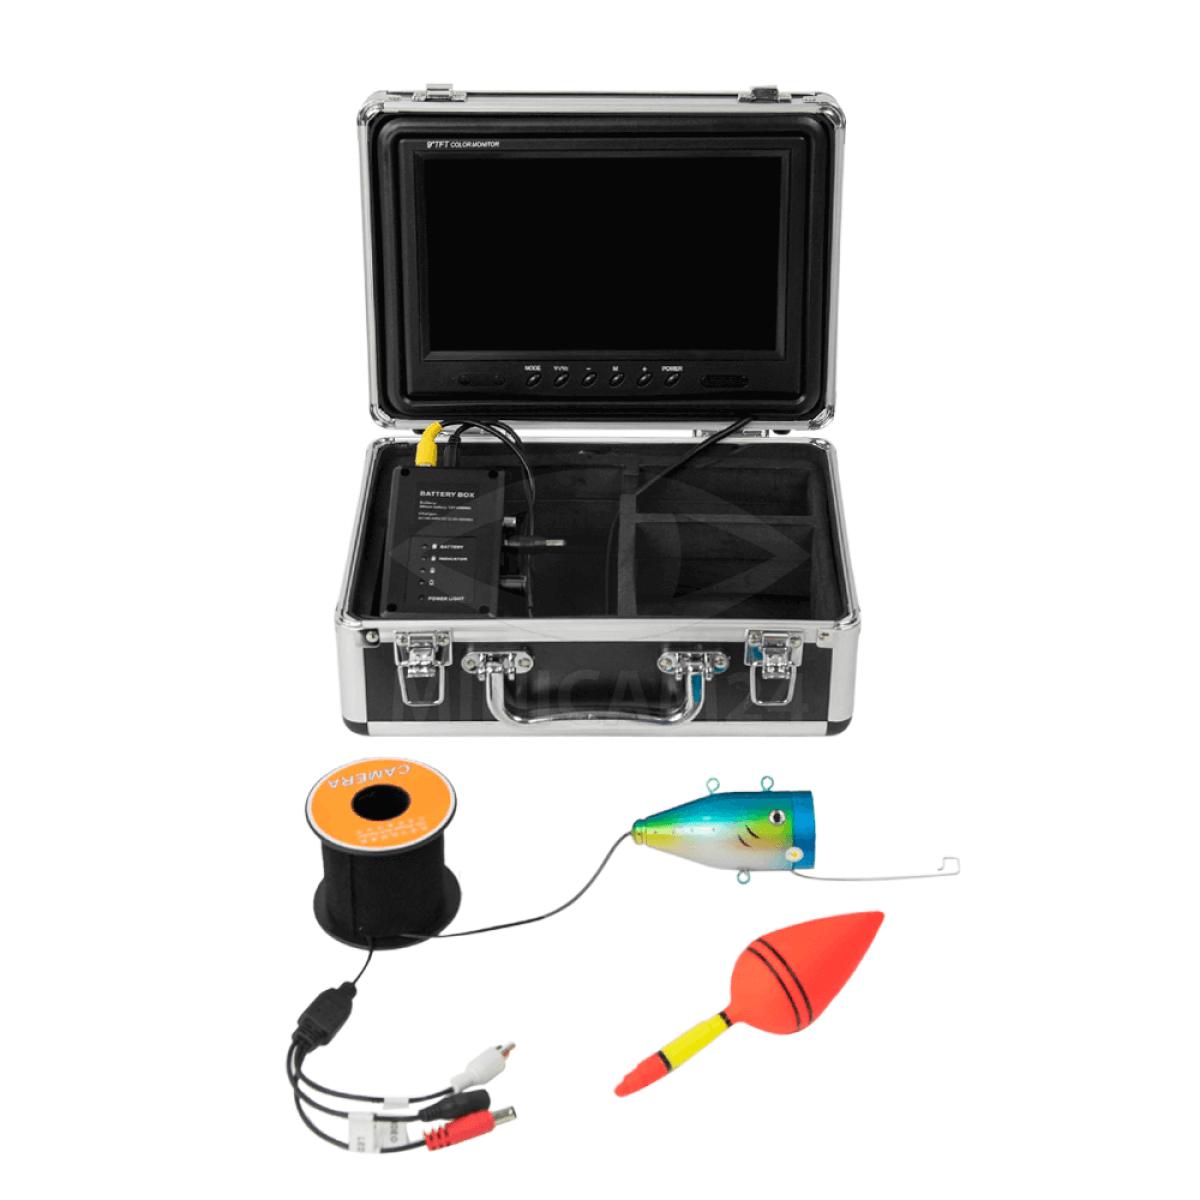 подводная камера для рыбалки без монитора